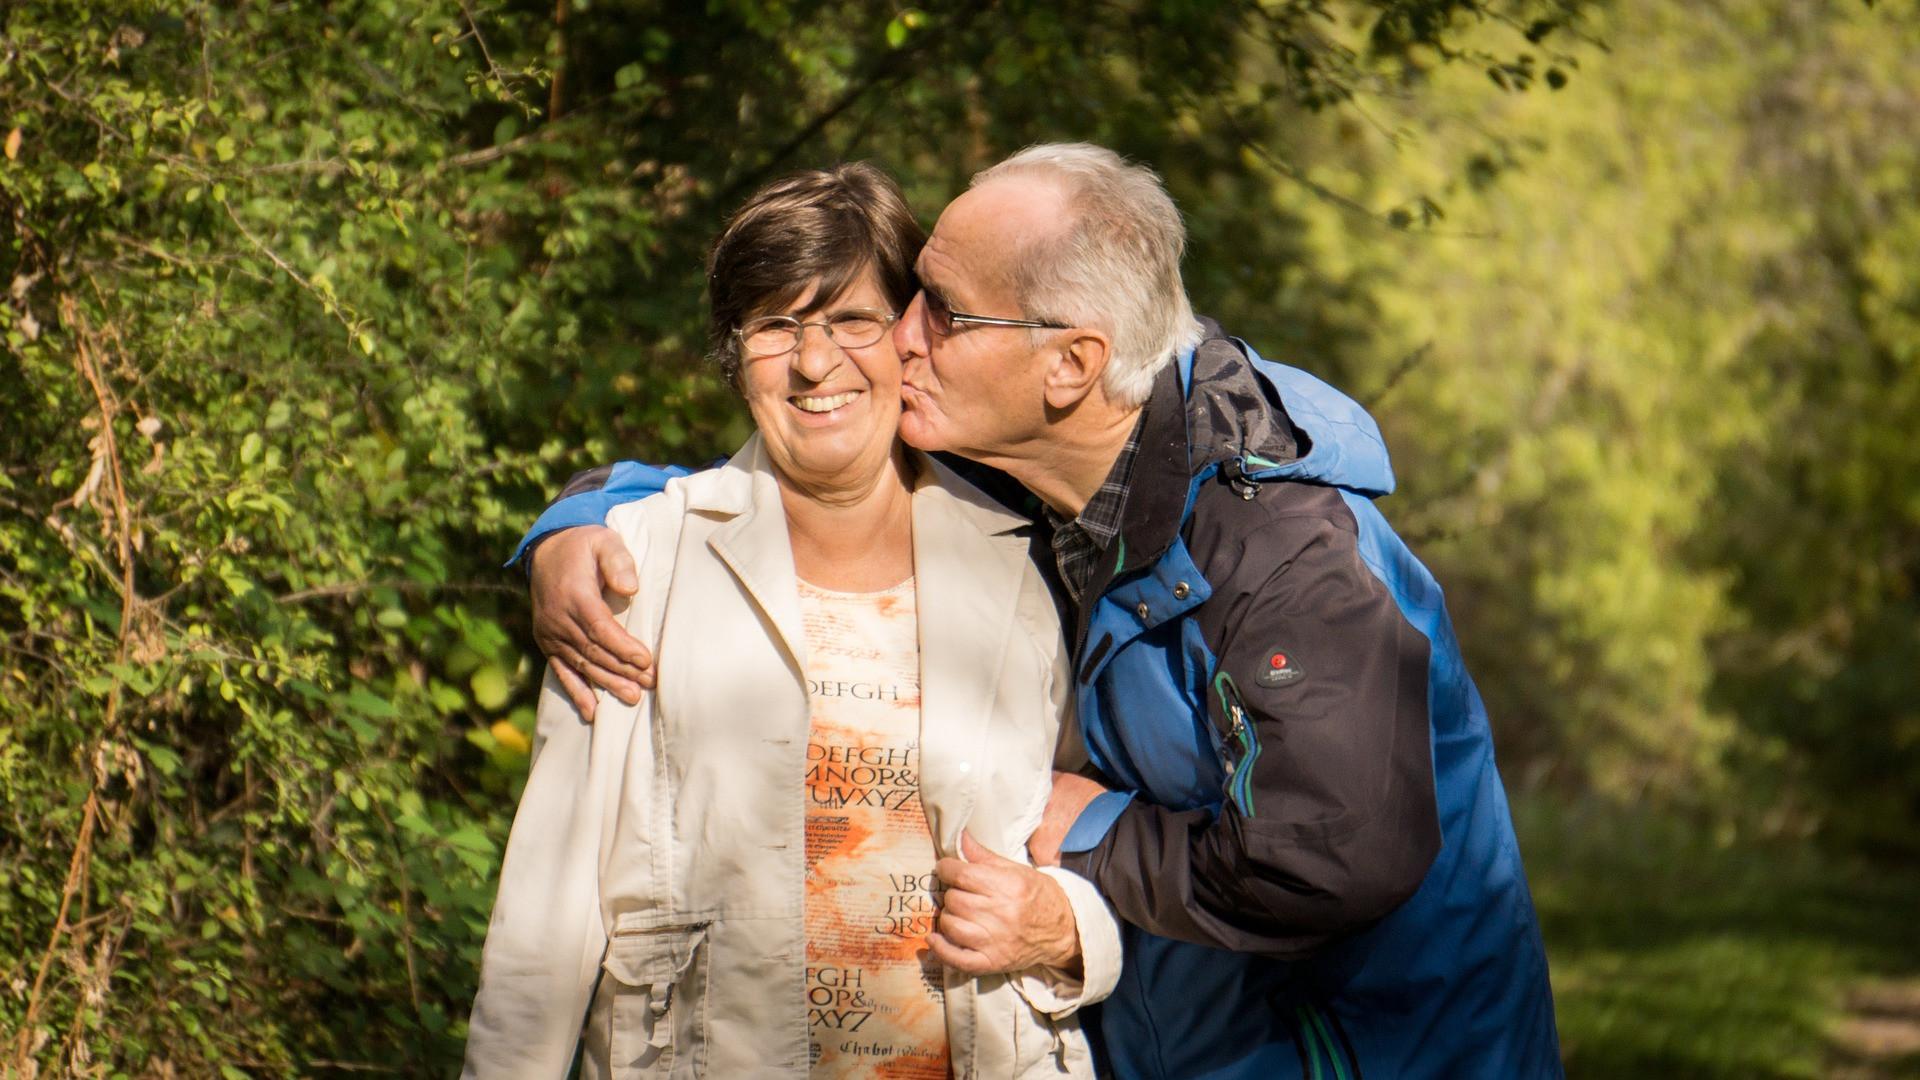 erekció csók után hány éves korban áll meg az erekció a férfiaknál